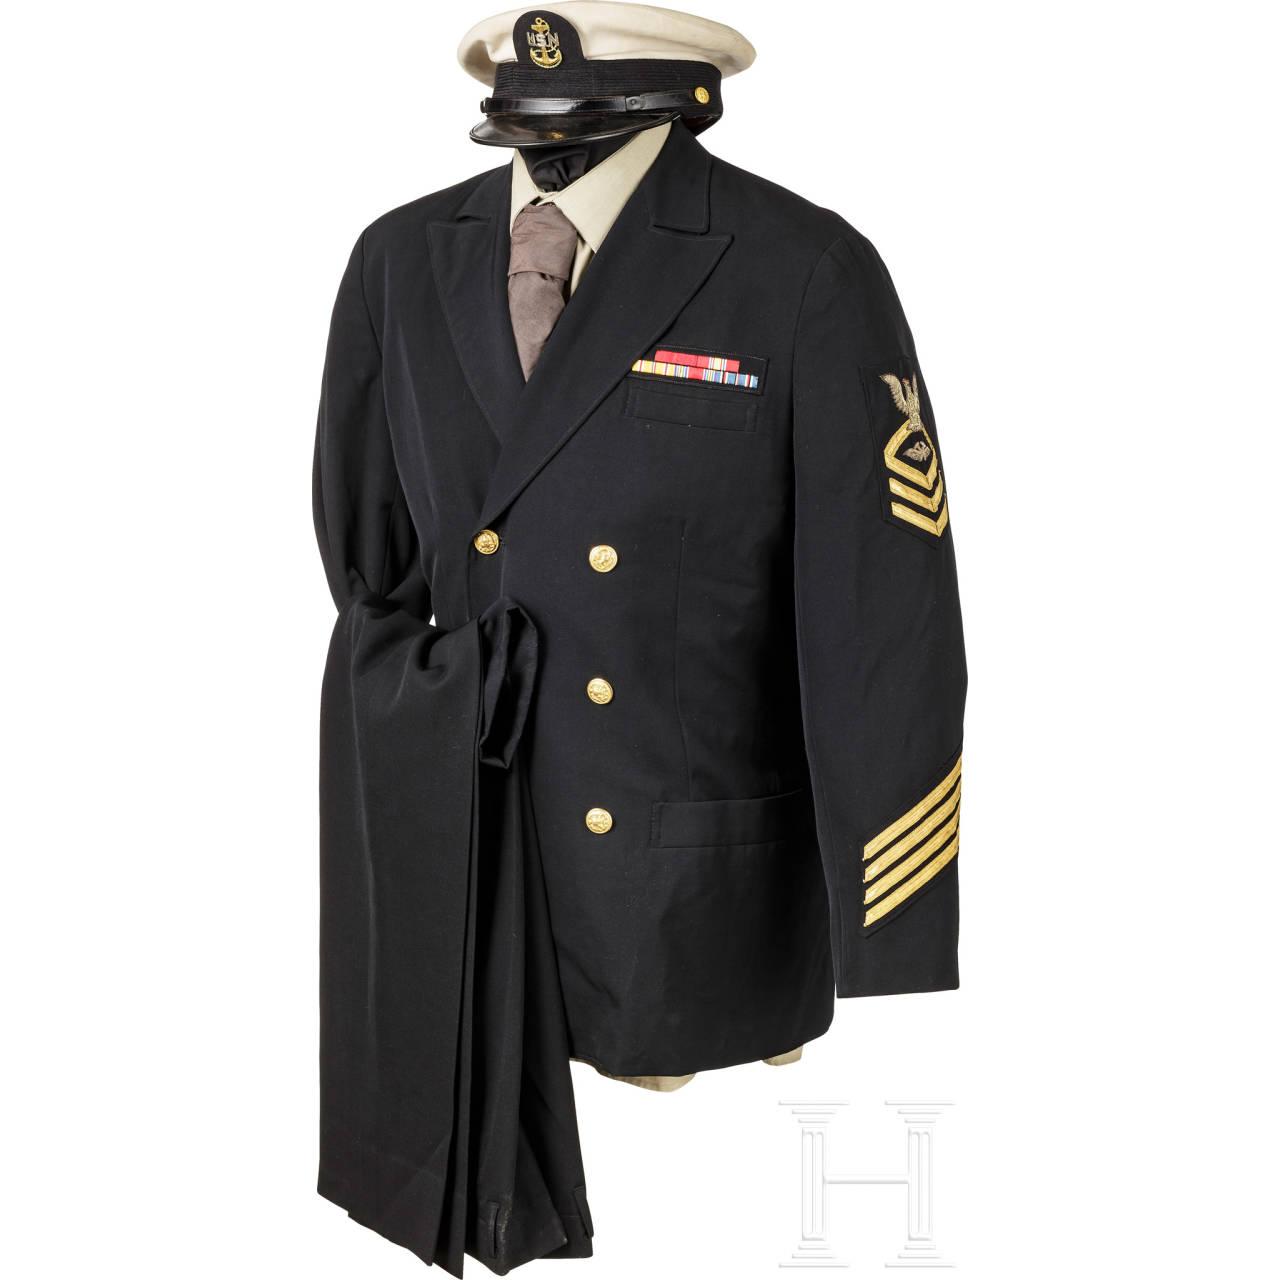 Winteruniform für Unteroffiziere der US-Navy, 2. Weltkrieg